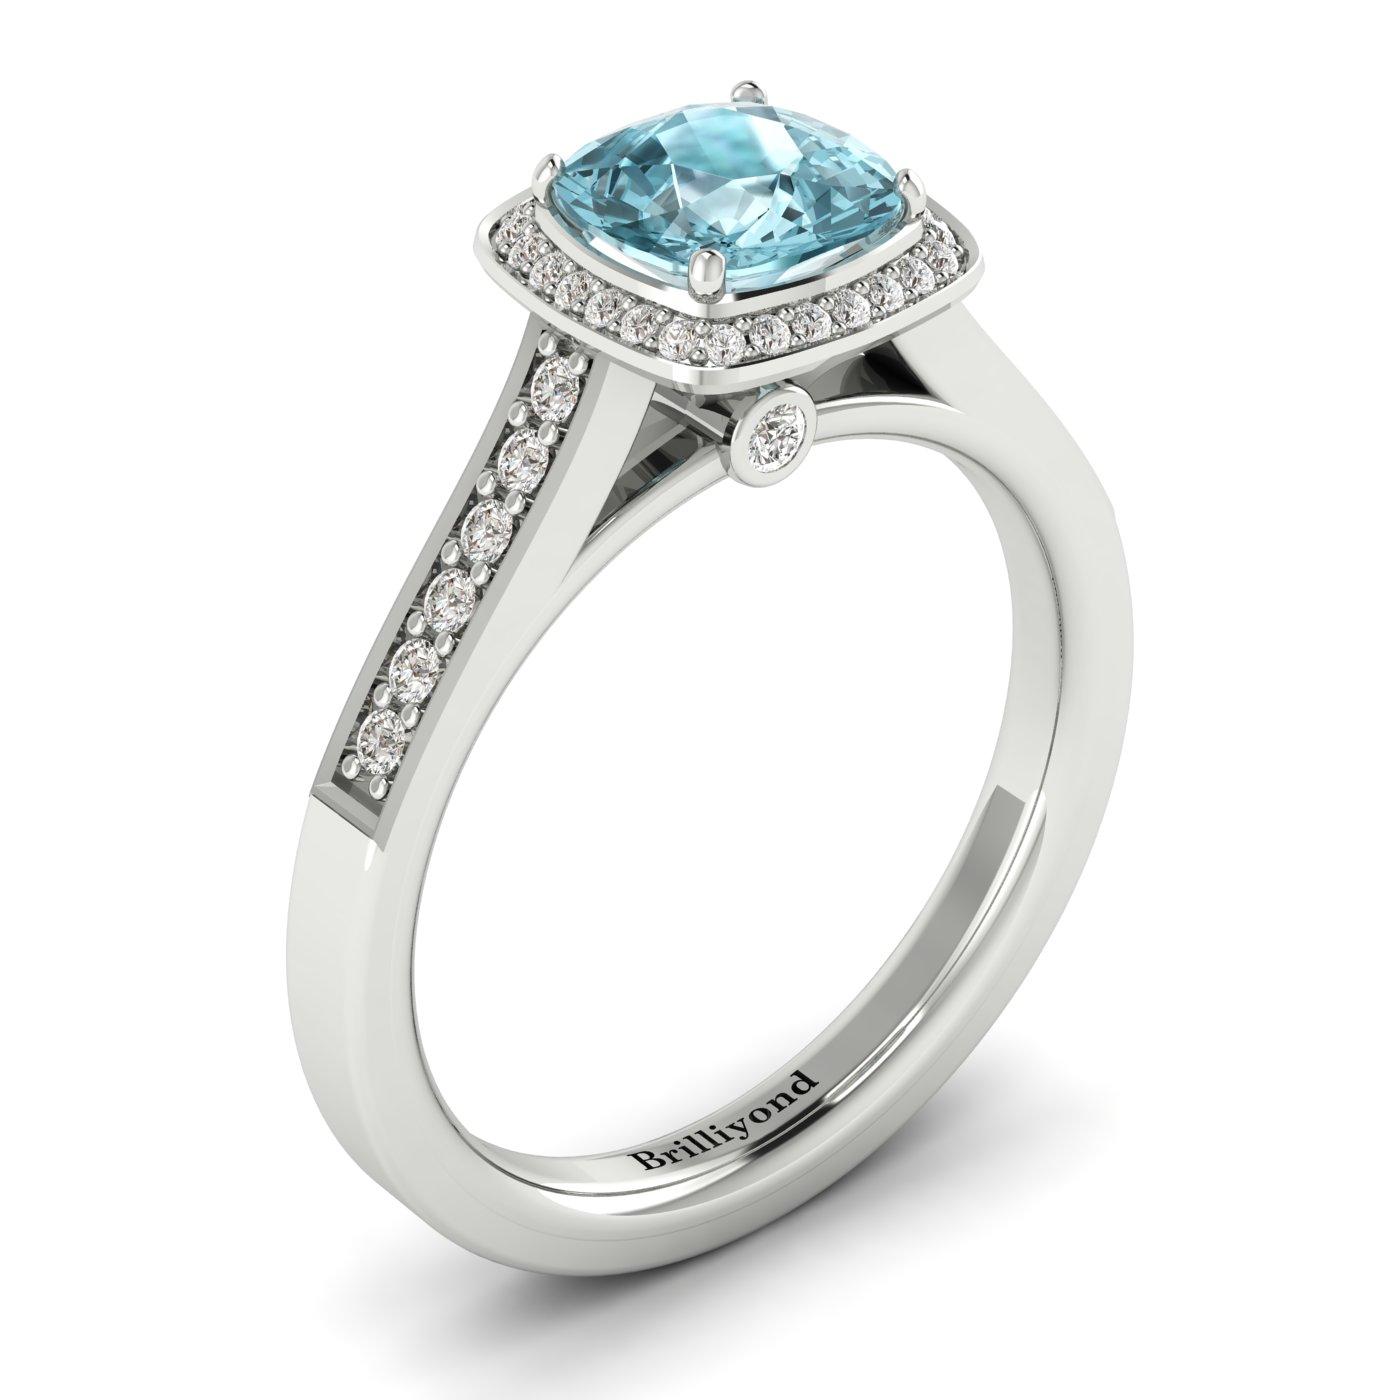 Aquamarine White Gold Cushion Cut Engagement Ring Arcadia_image1